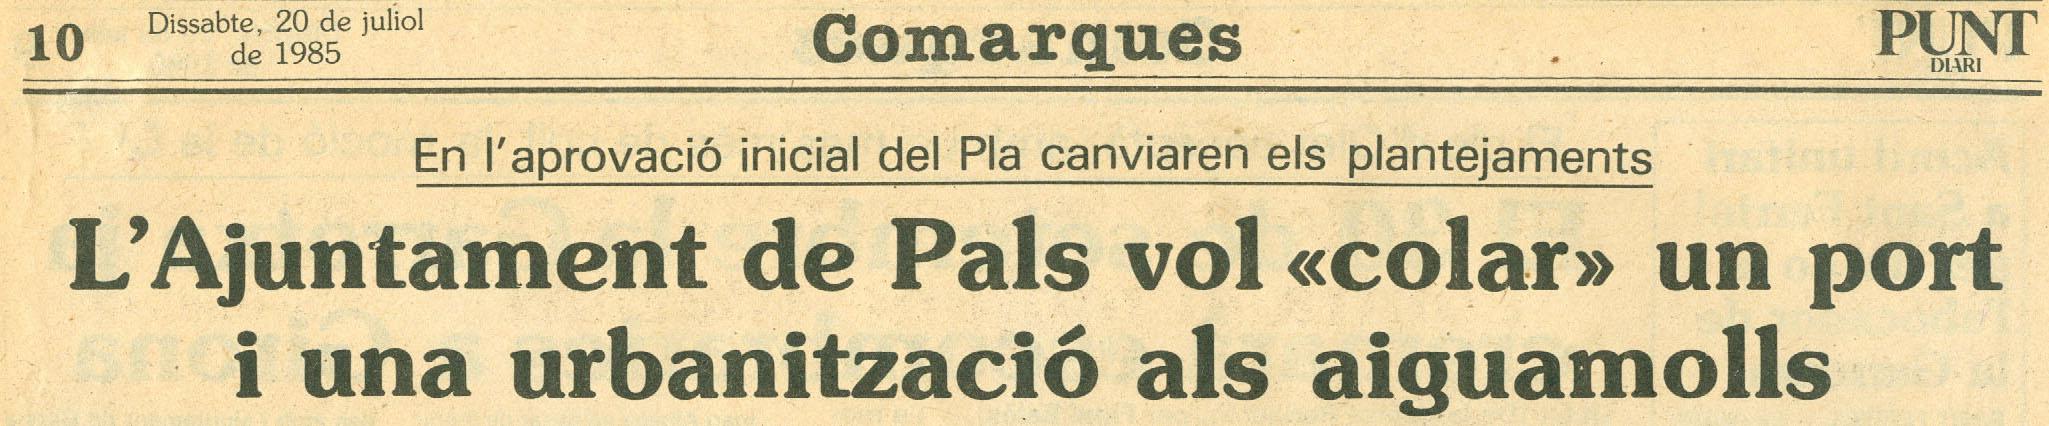 Punt-Diari, 20-7-1985